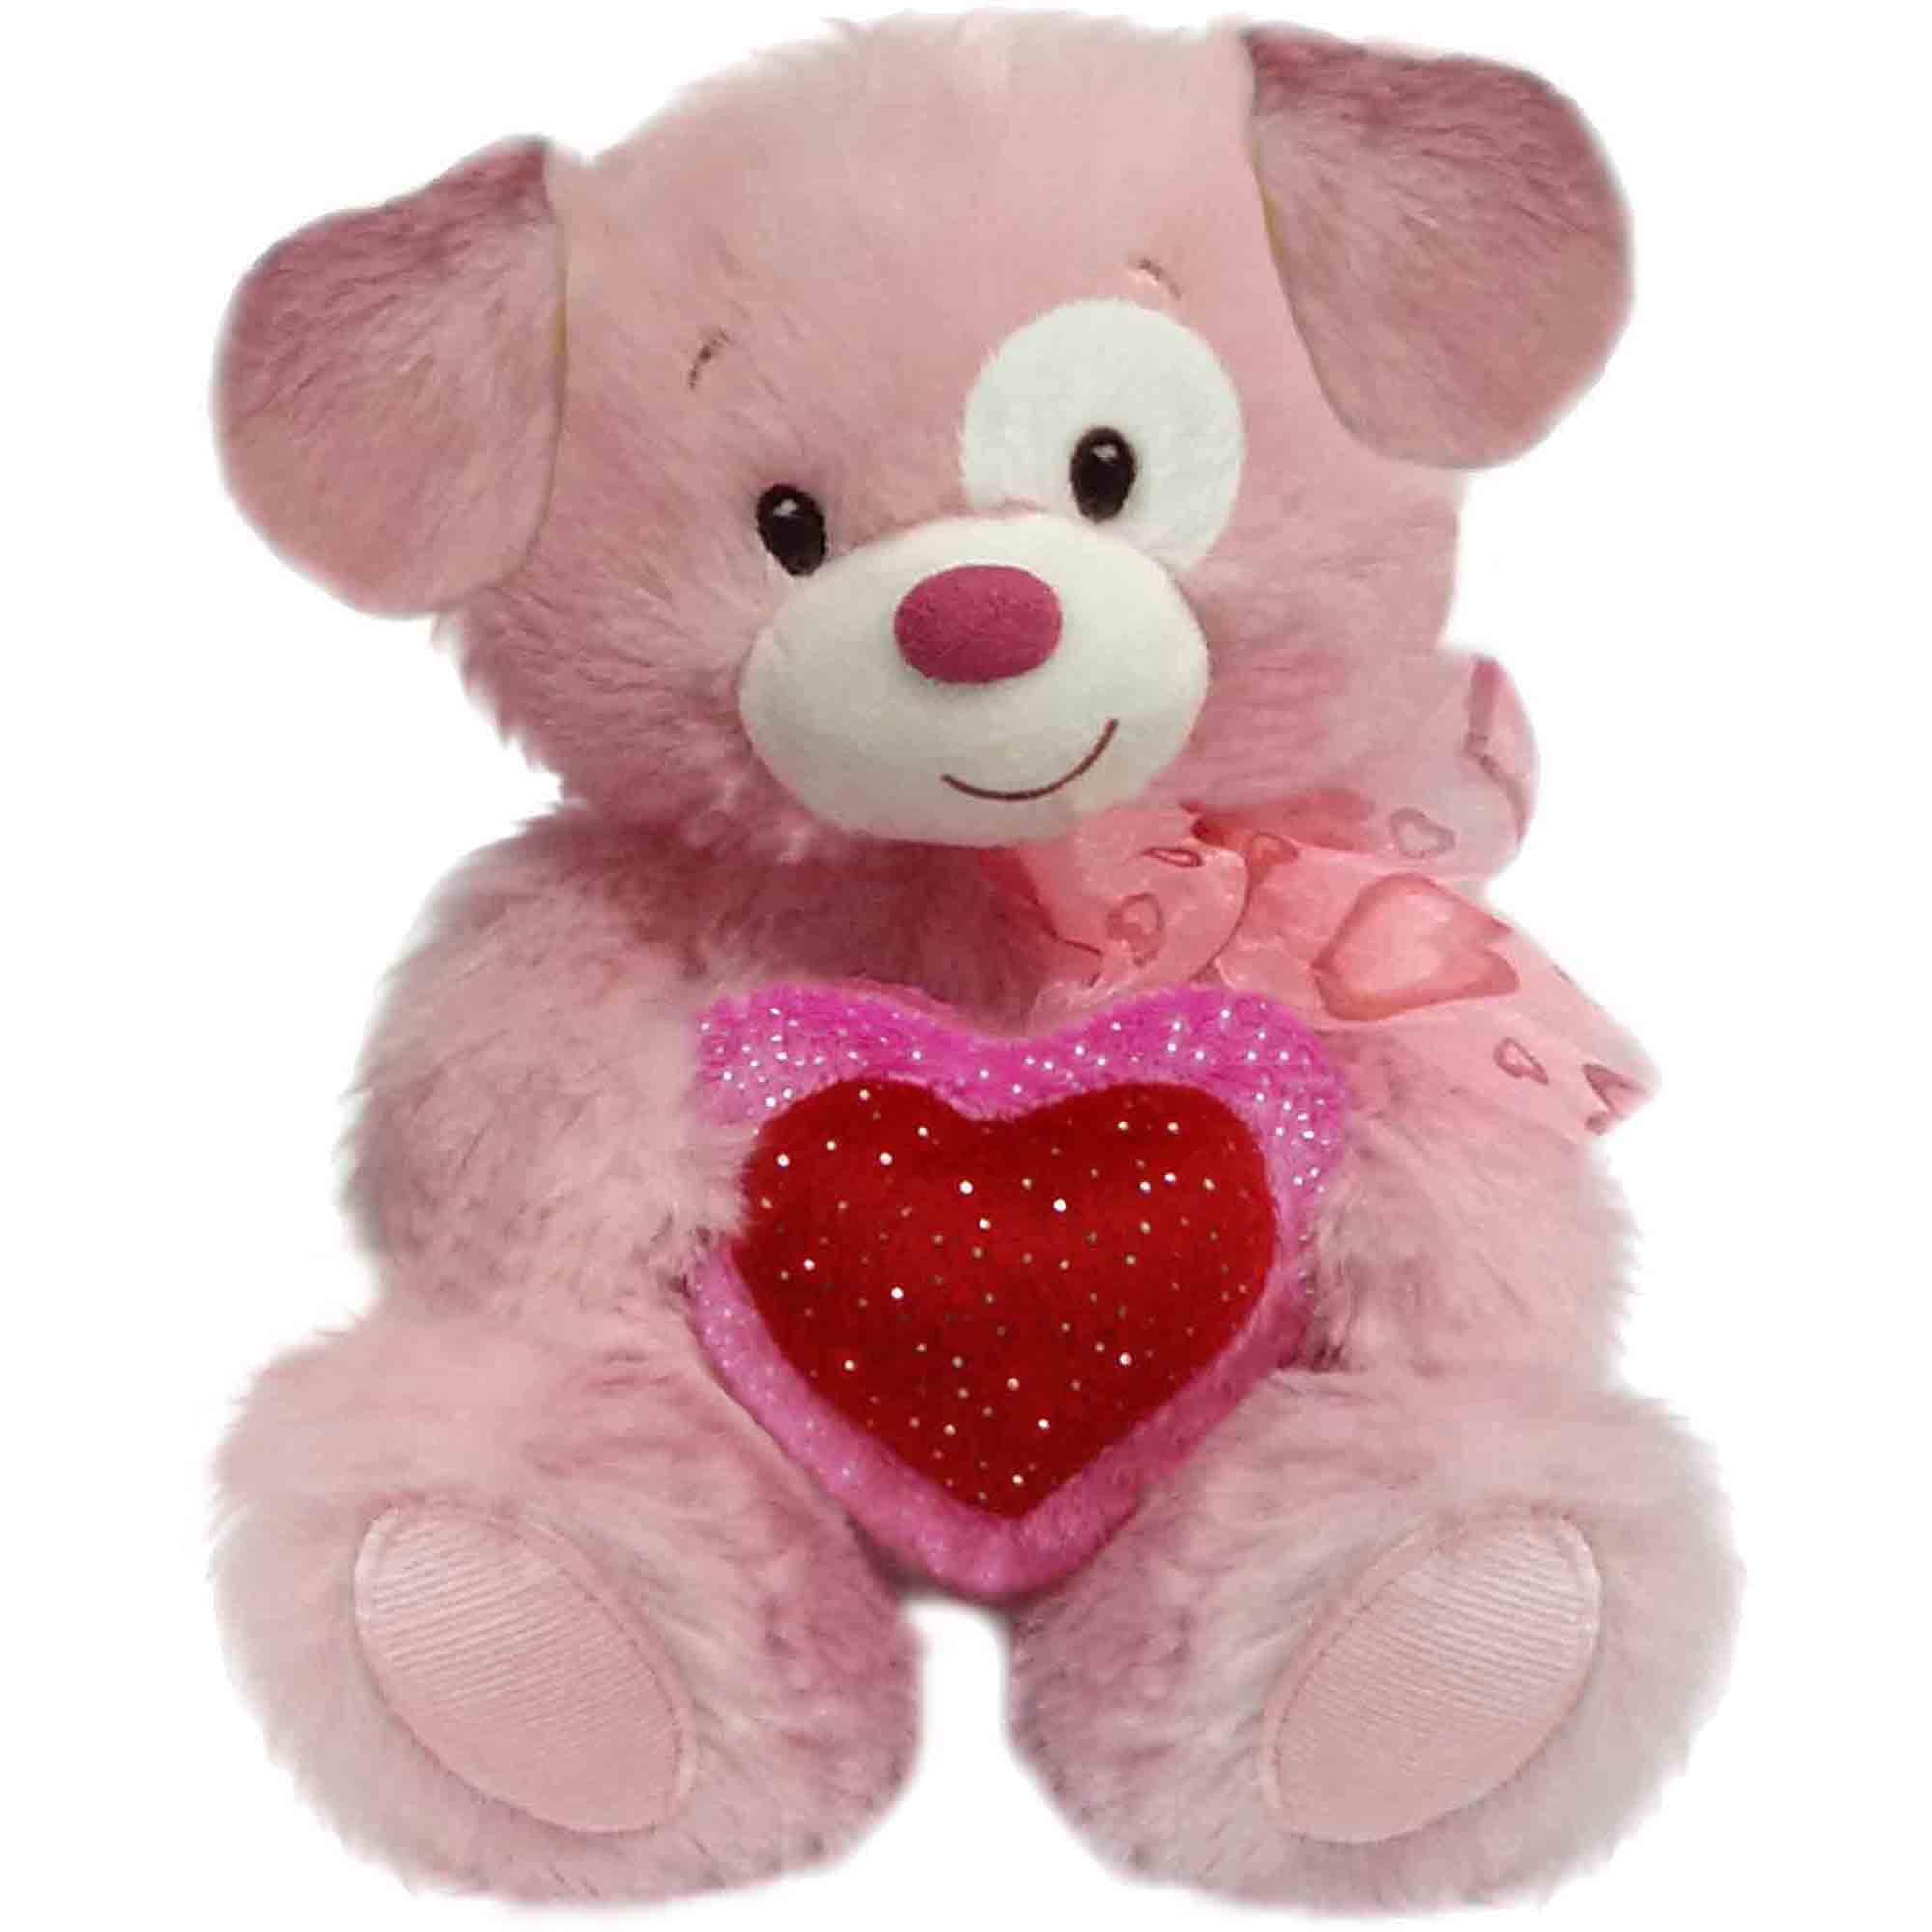 Valentine Plush Toys